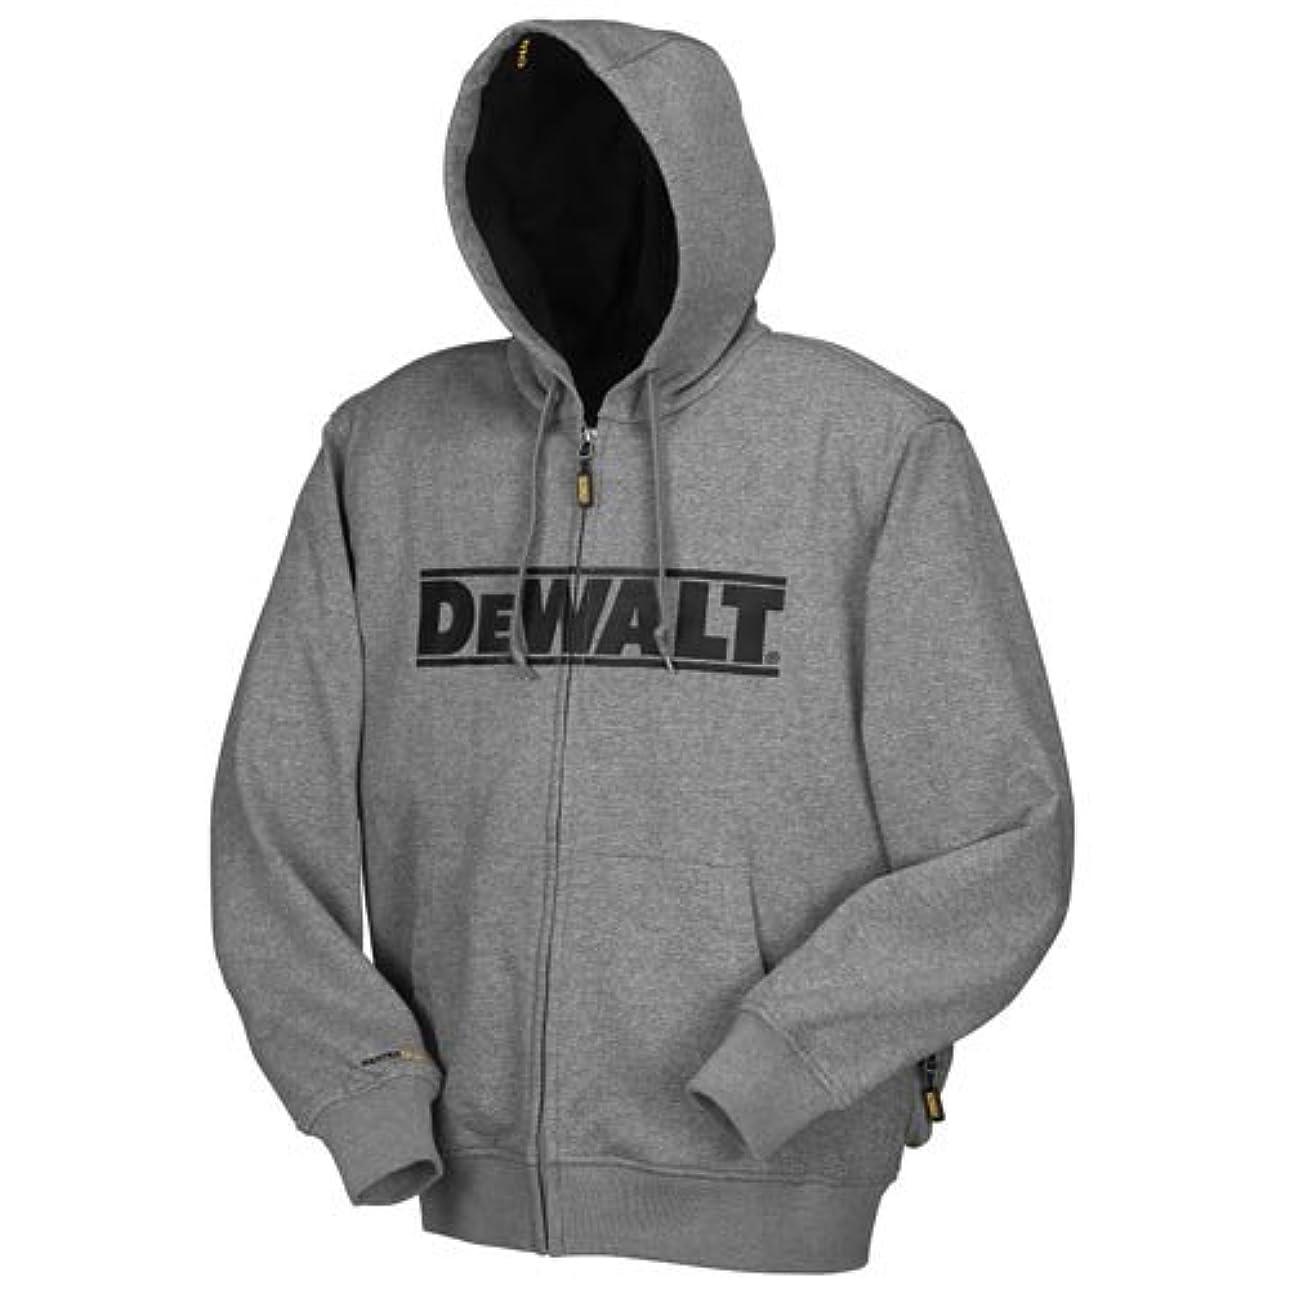 郡ダウンタウン統計DEWALT DCHJ068B-XL 20V/12V MAX Bare Hooded Heated Jacket, Gray, X-Large by DEWALT